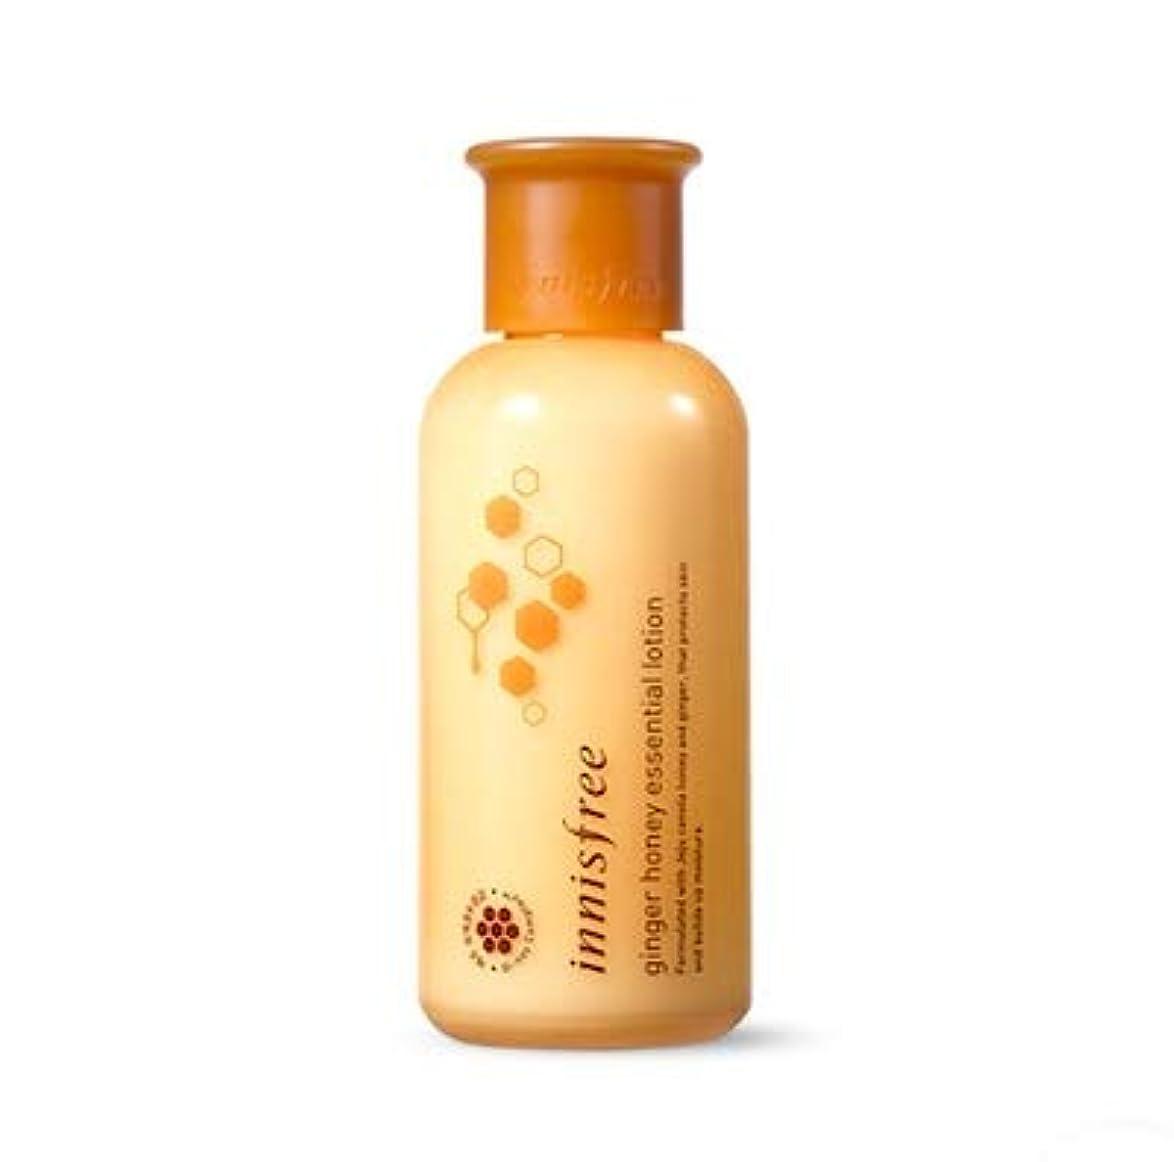 溢れんばかりのキルト伝導INNISFREE Ginger Honey Essential Lotion イニスフリー ジンジャー ハニー エッセンシャル ローション 160ml [並行輸入品]